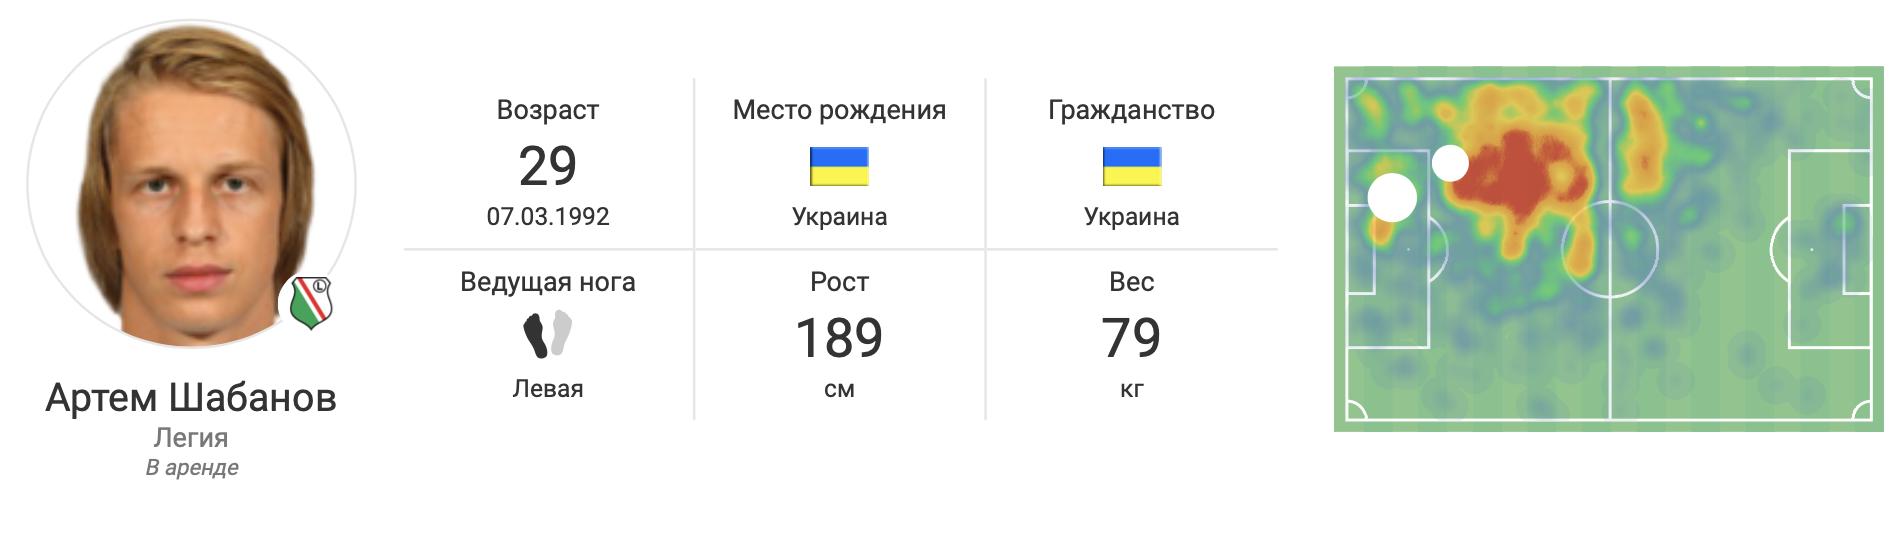 Шабанов в «Легии» в цифрах WyScout: почему поляки хотят выкупить украинца? - изображение 1